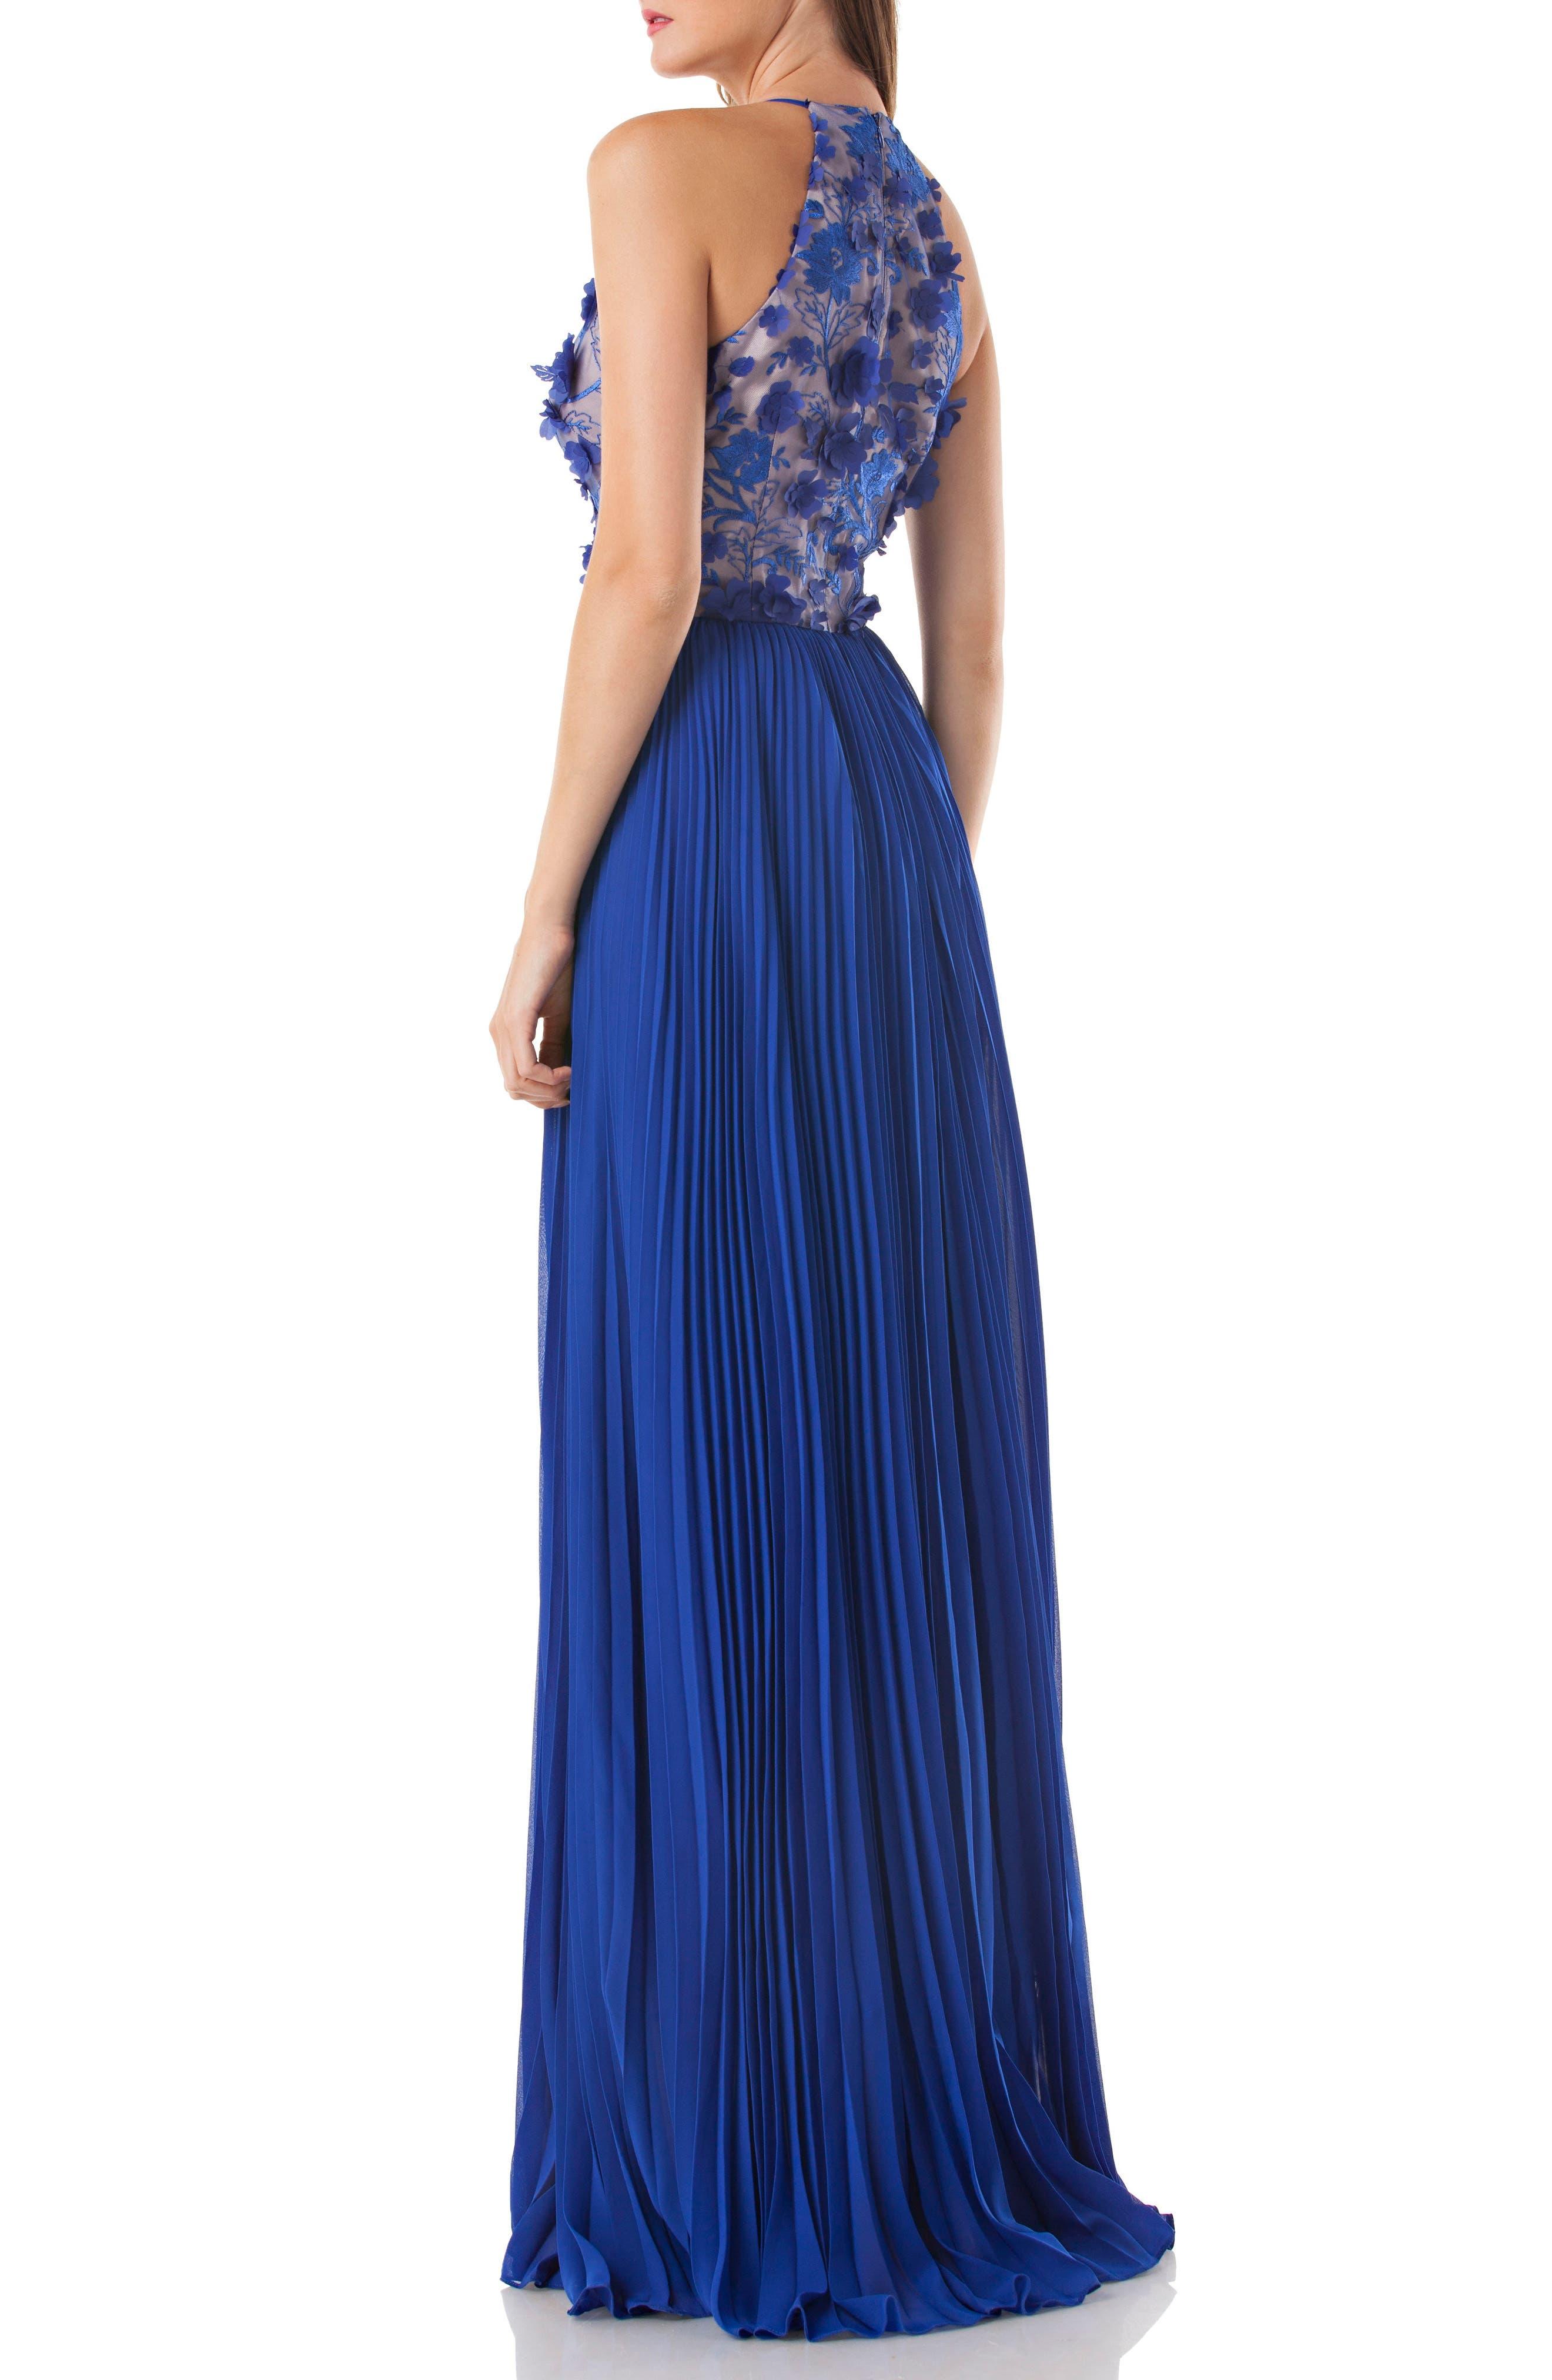 Petals Halter Gown,                             Alternate thumbnail 2, color,                             Cobalt